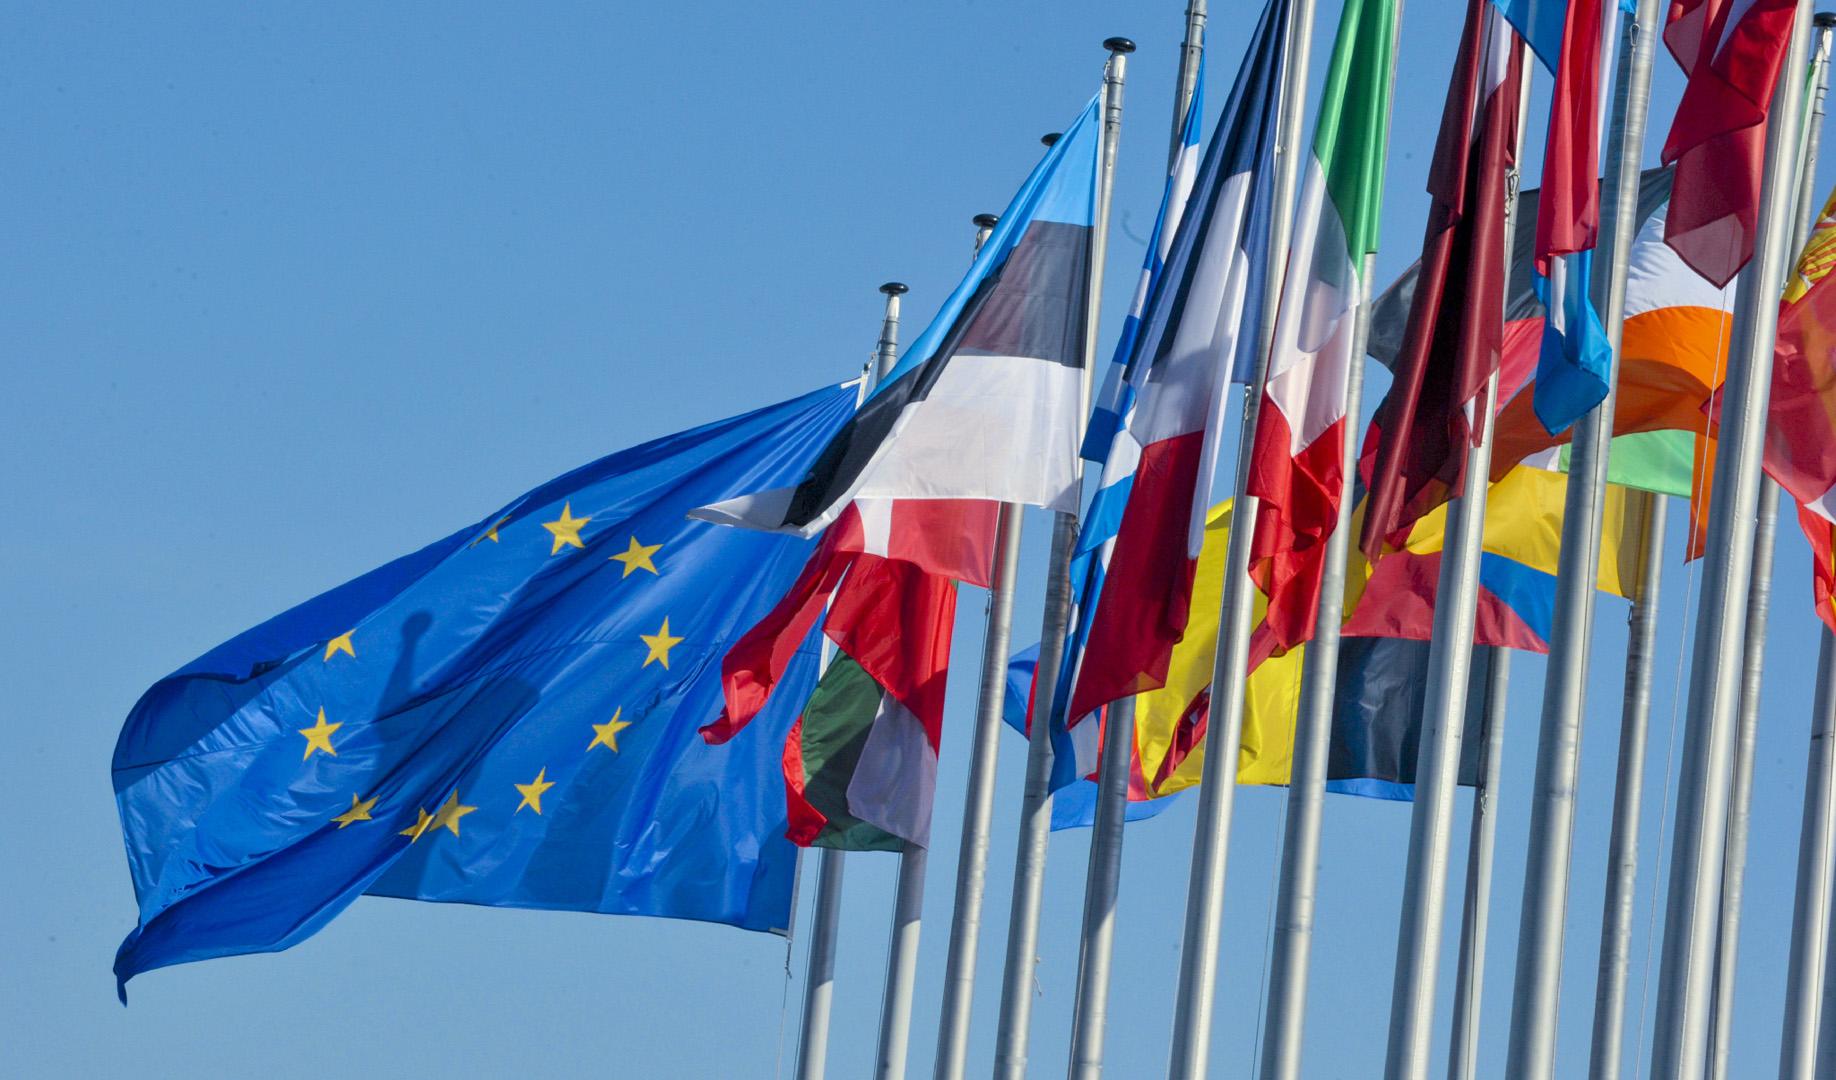 Abbandonare l'Unione Europea: come?